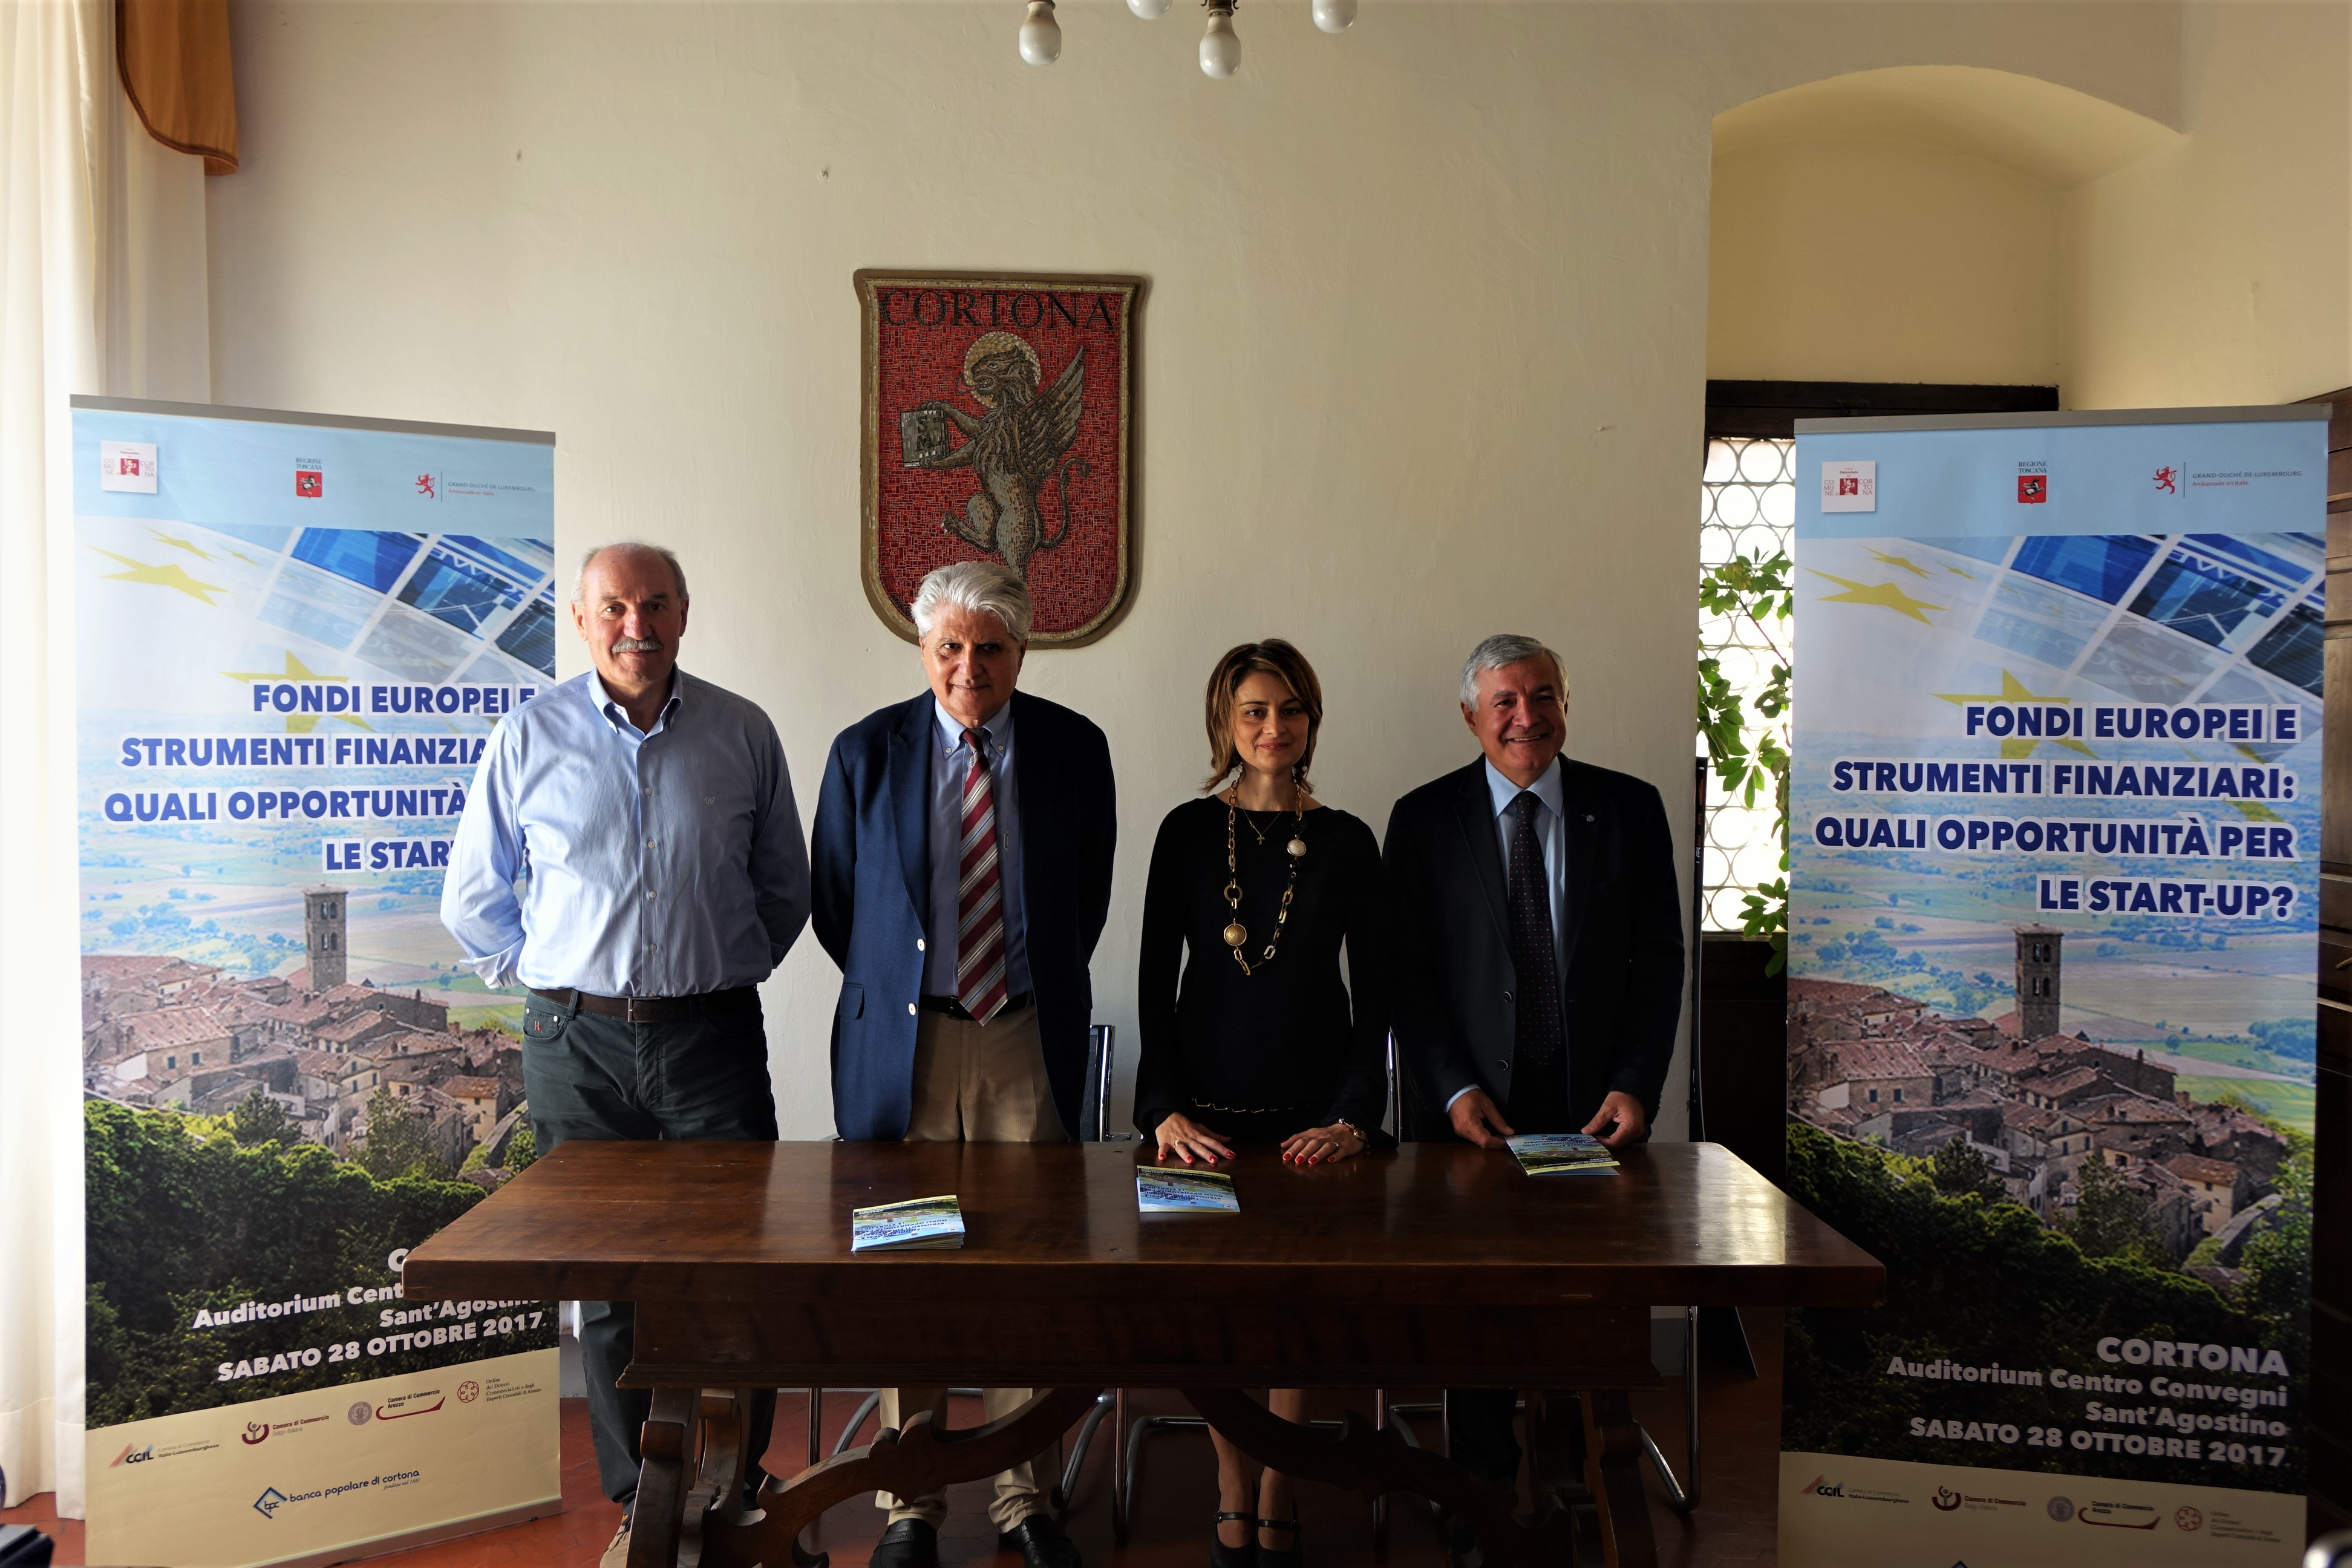 Fondi europei e Start Up, Cortona collabora con il Granducato del Lussemburgo